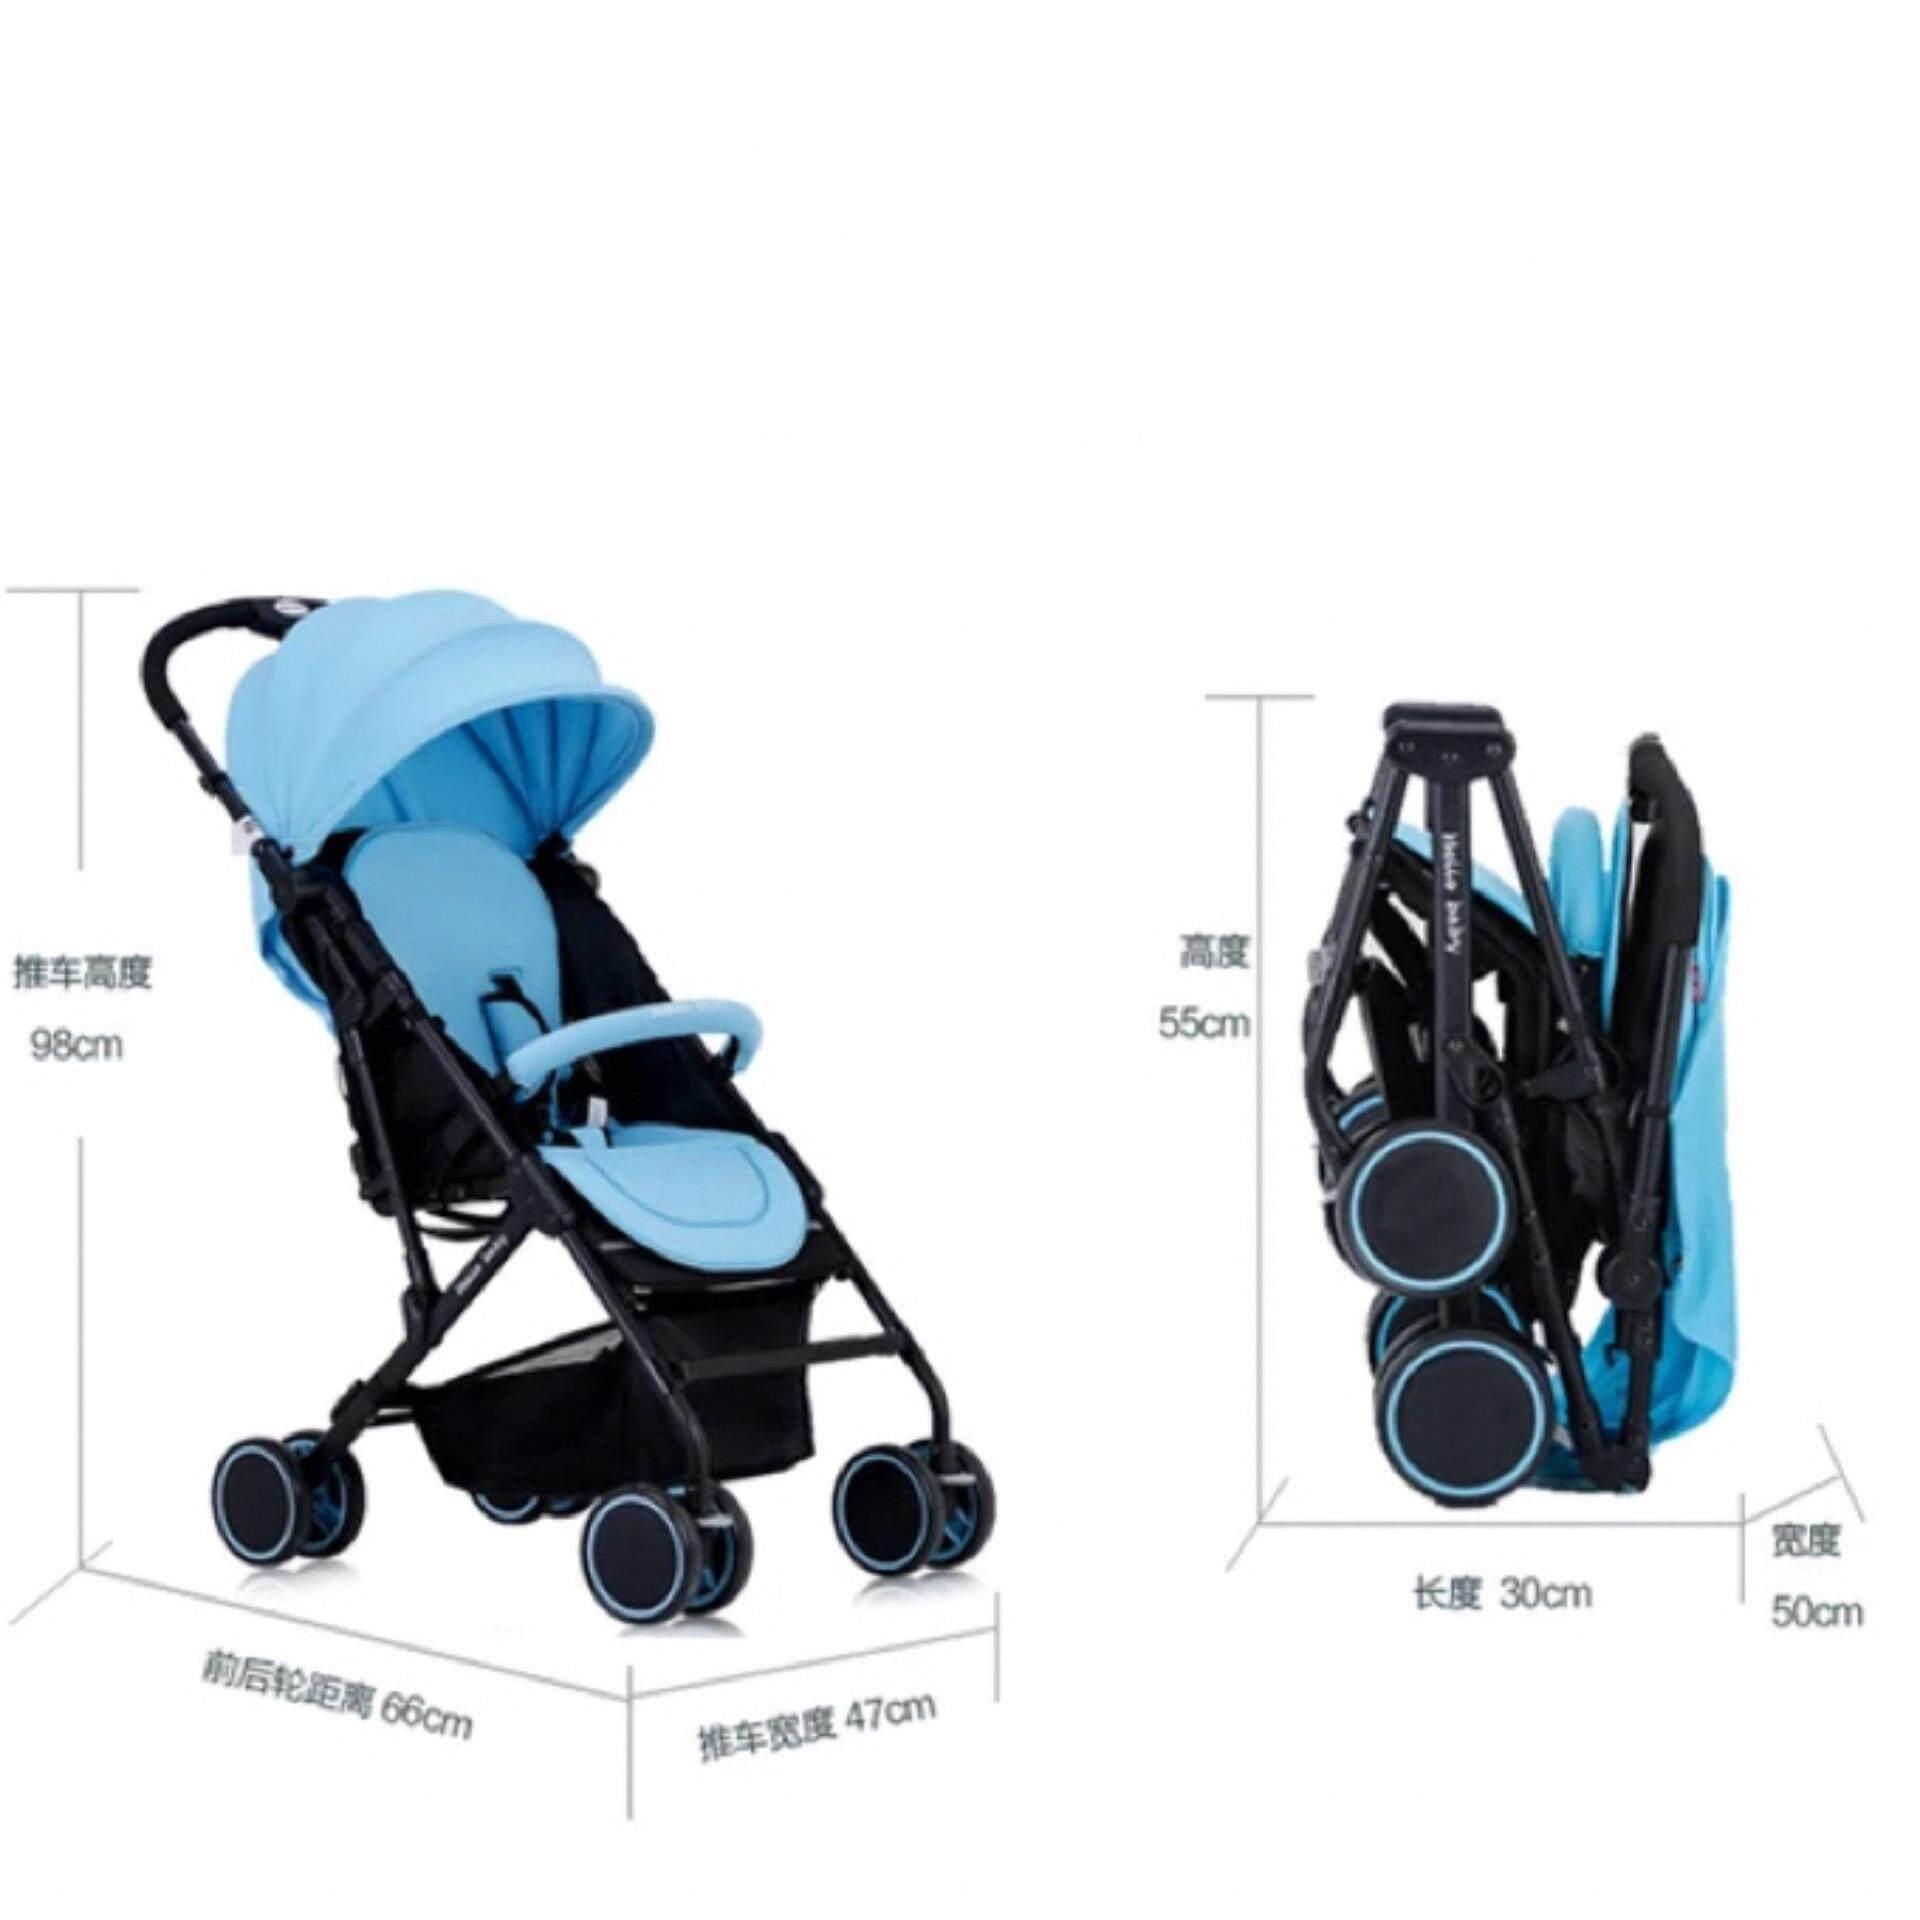 ของแท้และส่งฟรี Natur รถเข็นเด็กแบบนอน NATUR รถเข็นเด็ก รุ่น แฮปปี้ 4 มีของแถม ส่งฟรี